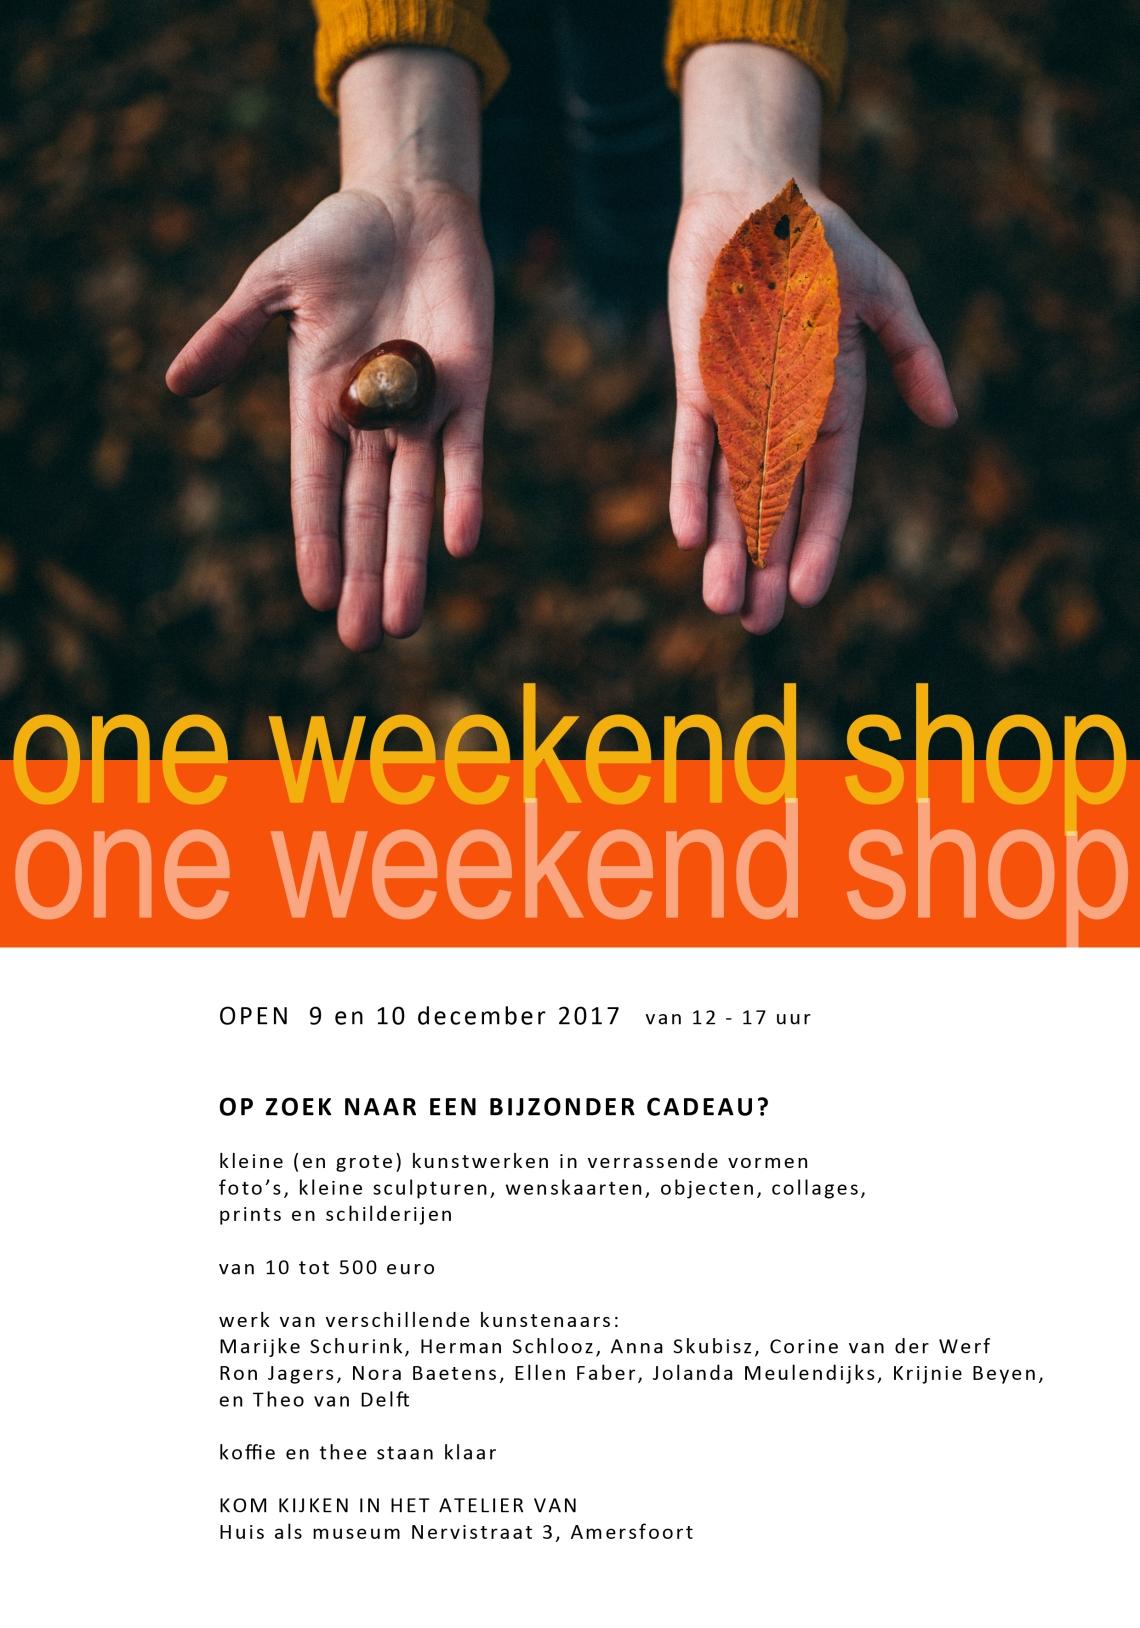 affiche One weekend shopkopie